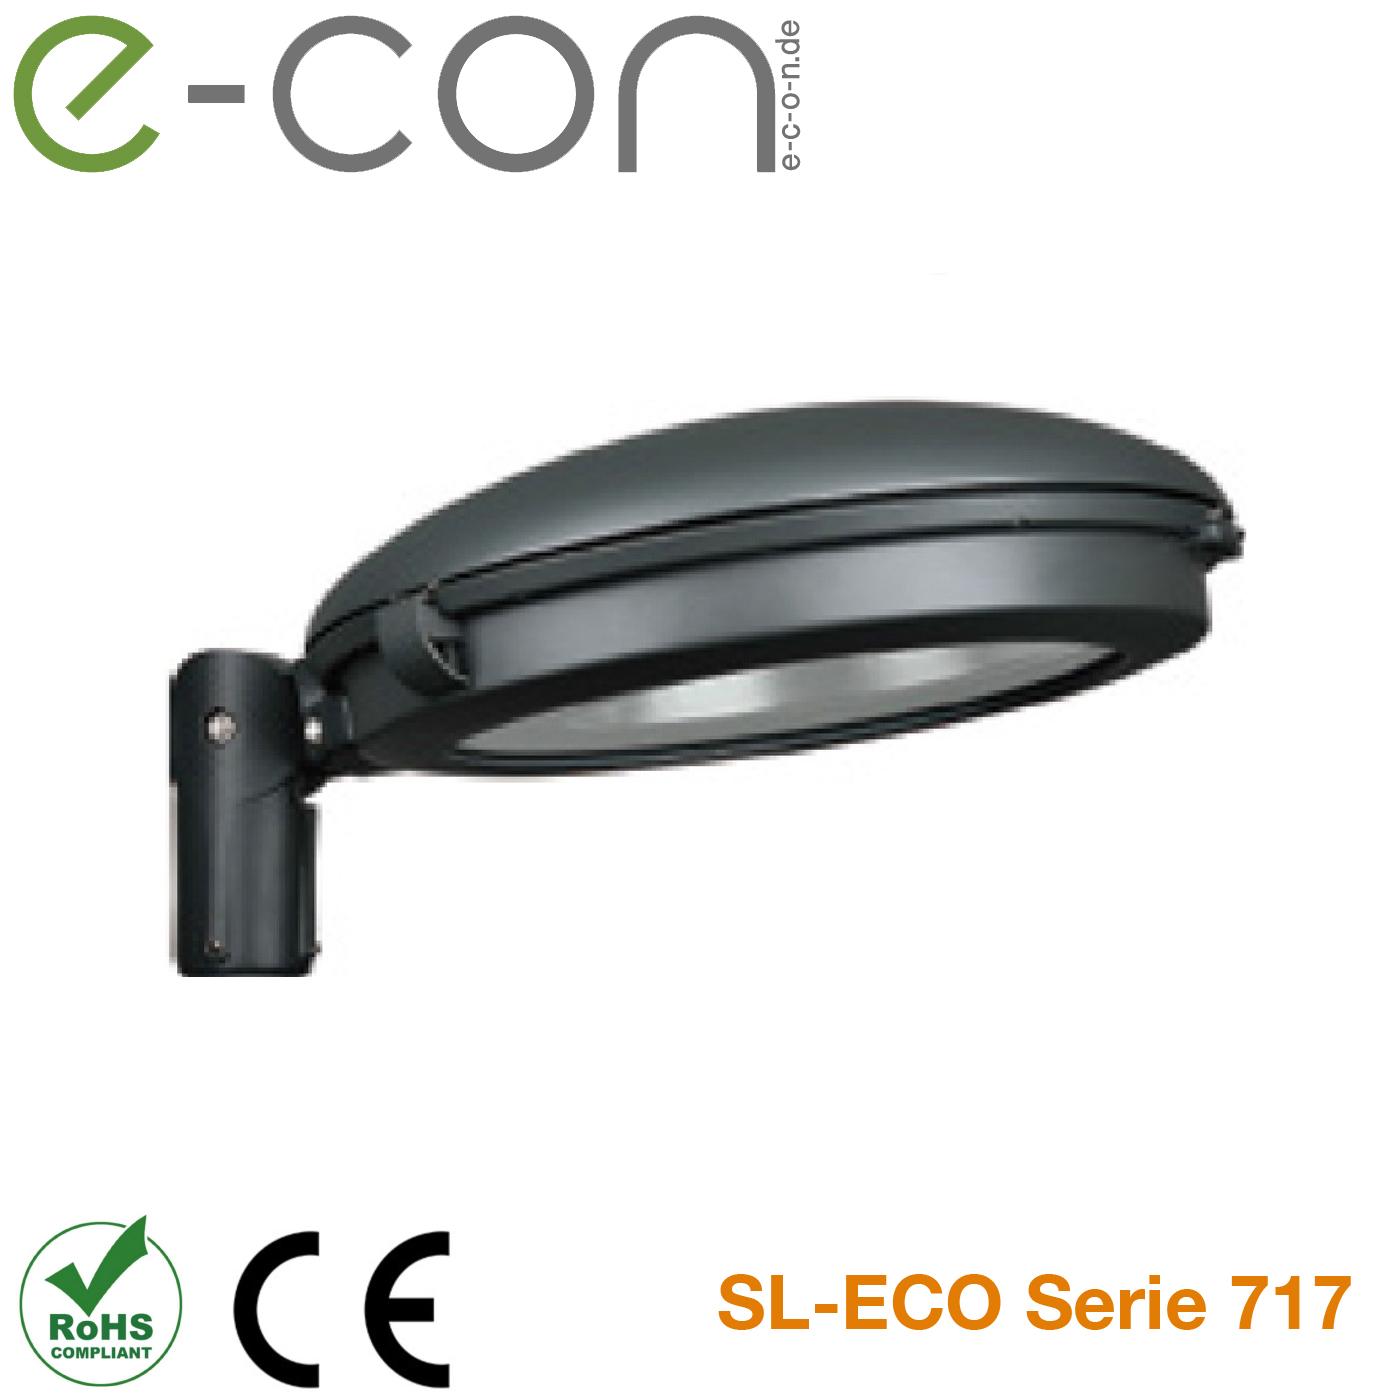 SL-ECO Serie 717